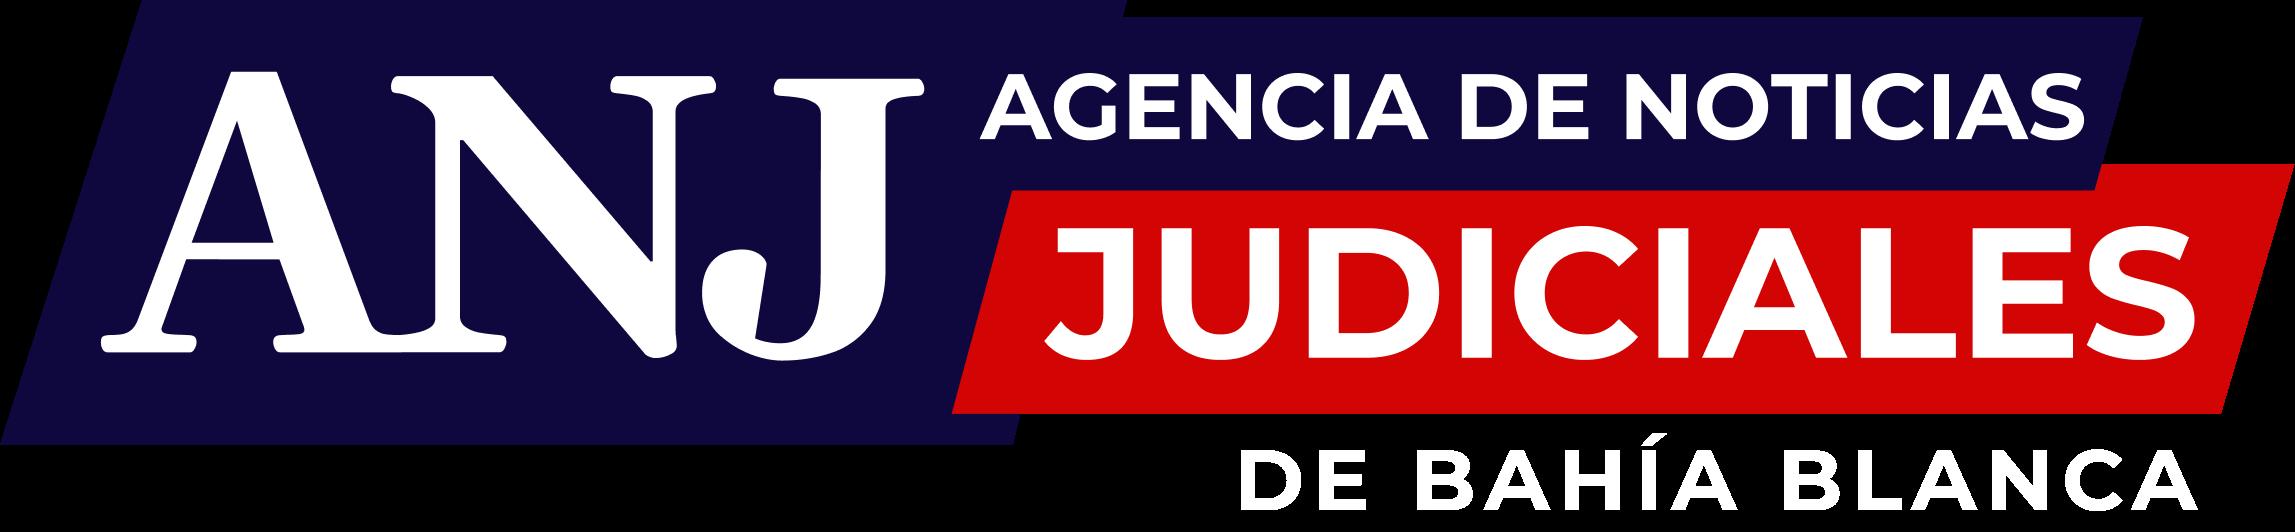 Agencia de Noticias Judiciales